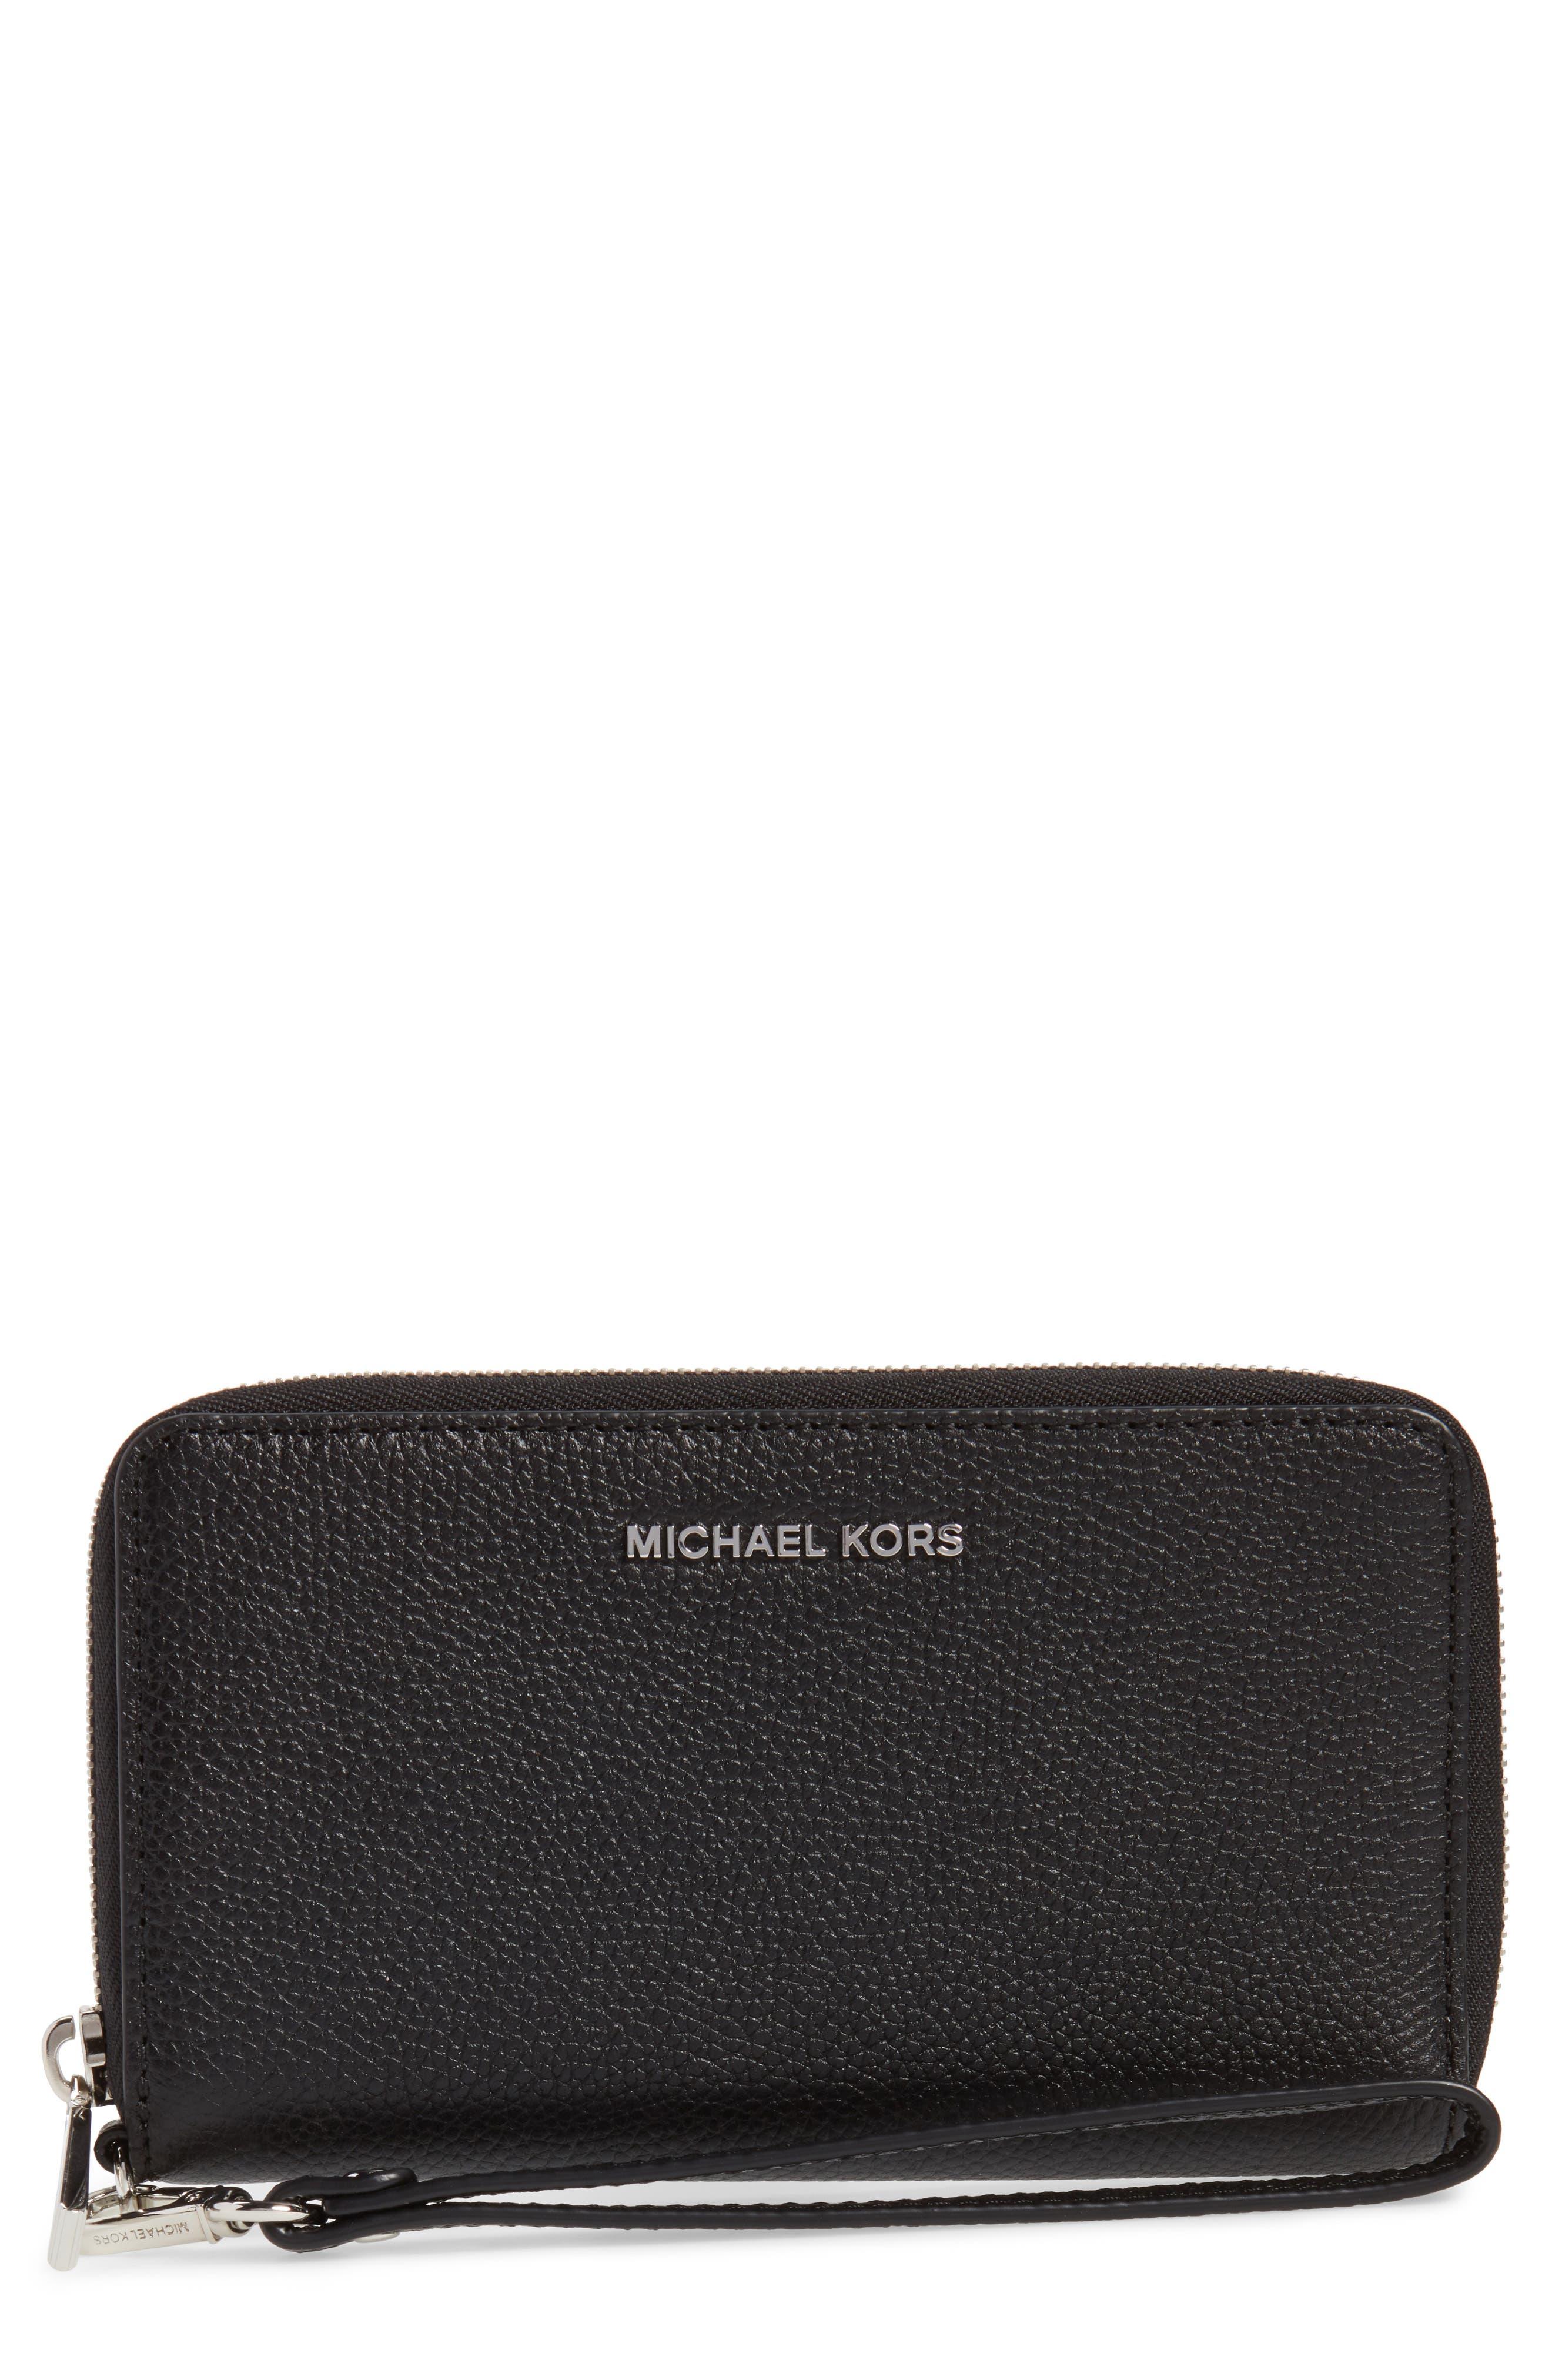 Mercer Large Leather Wristlet,                         Main,                         color, Black